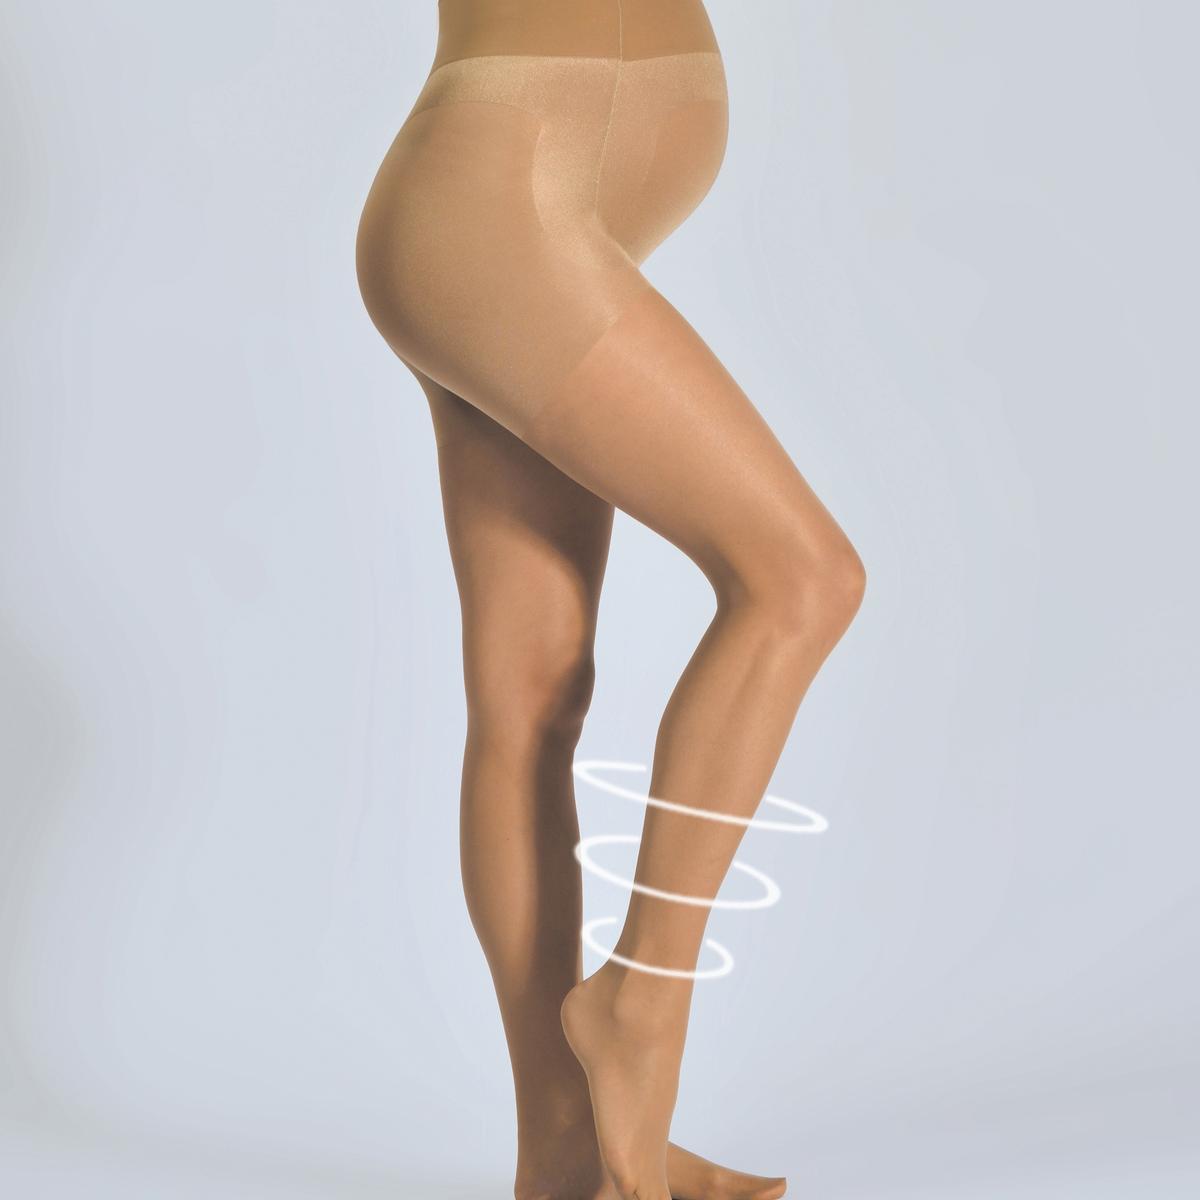 Колготки для периода беременности ACTIVLIGHTКолготки для периода беременности 30 ден (тонкие). 80% полиамида,  20% эластана. Отличная поддержка и удобство для будущих мам ! Способствует микроциркуляции для тонизирующего эффекта и ощущения легкости в ногах в течение всего дня. Колготки с усиленным мыском.<br><br>Цвет: телесный,черный<br>Размер: 1(S).4(XL)